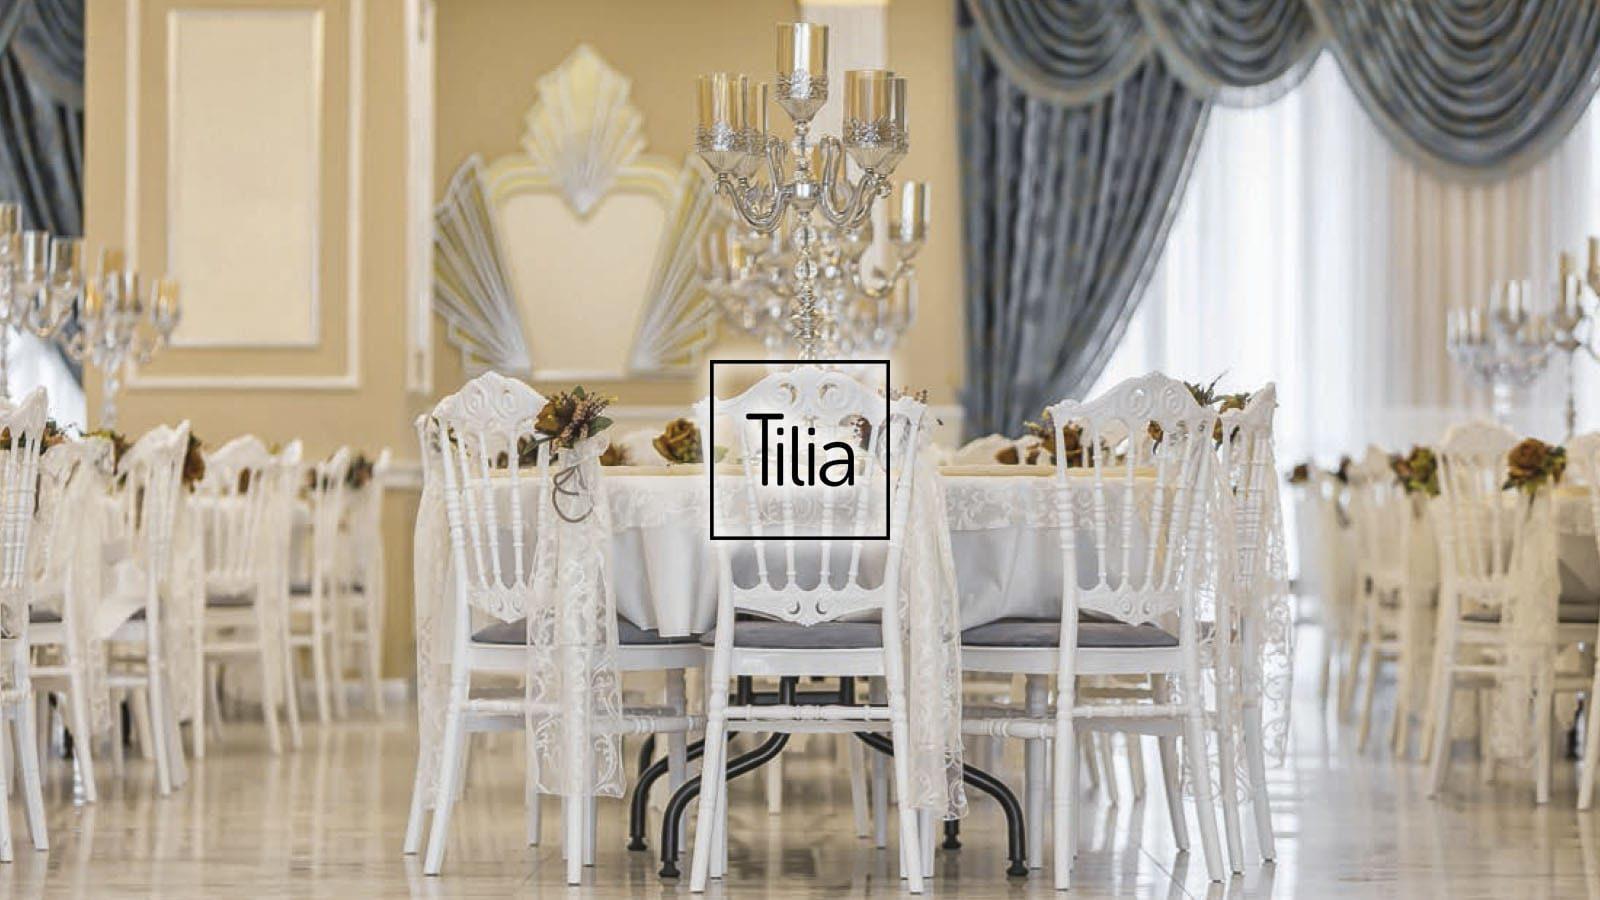 Tilia Catering Furniture